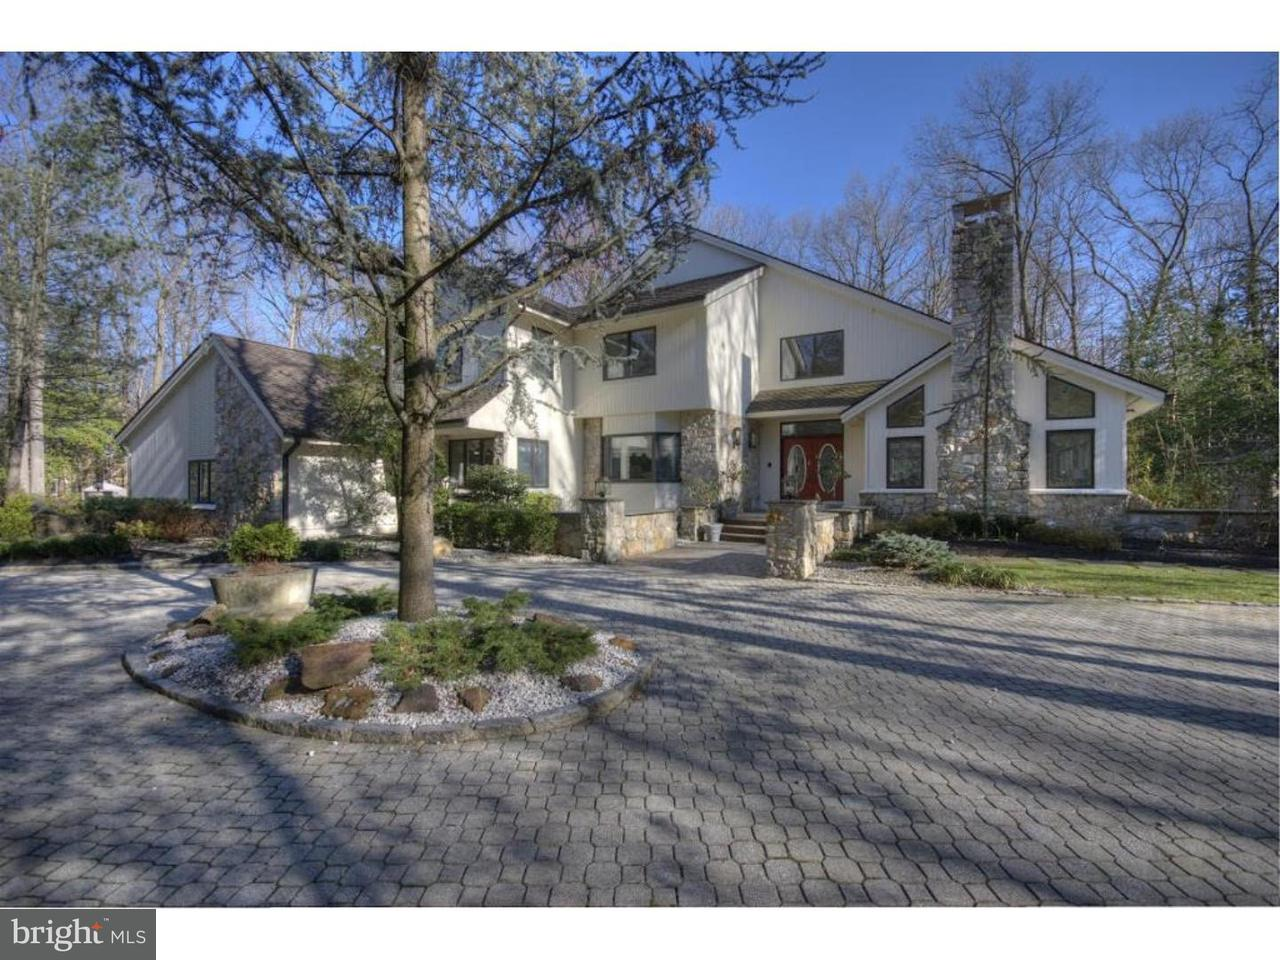 Частный односемейный дом для того Аренда на 2 KESWICK Drive Voorhees, Нью-Джерси 08043 Соединенные Штаты